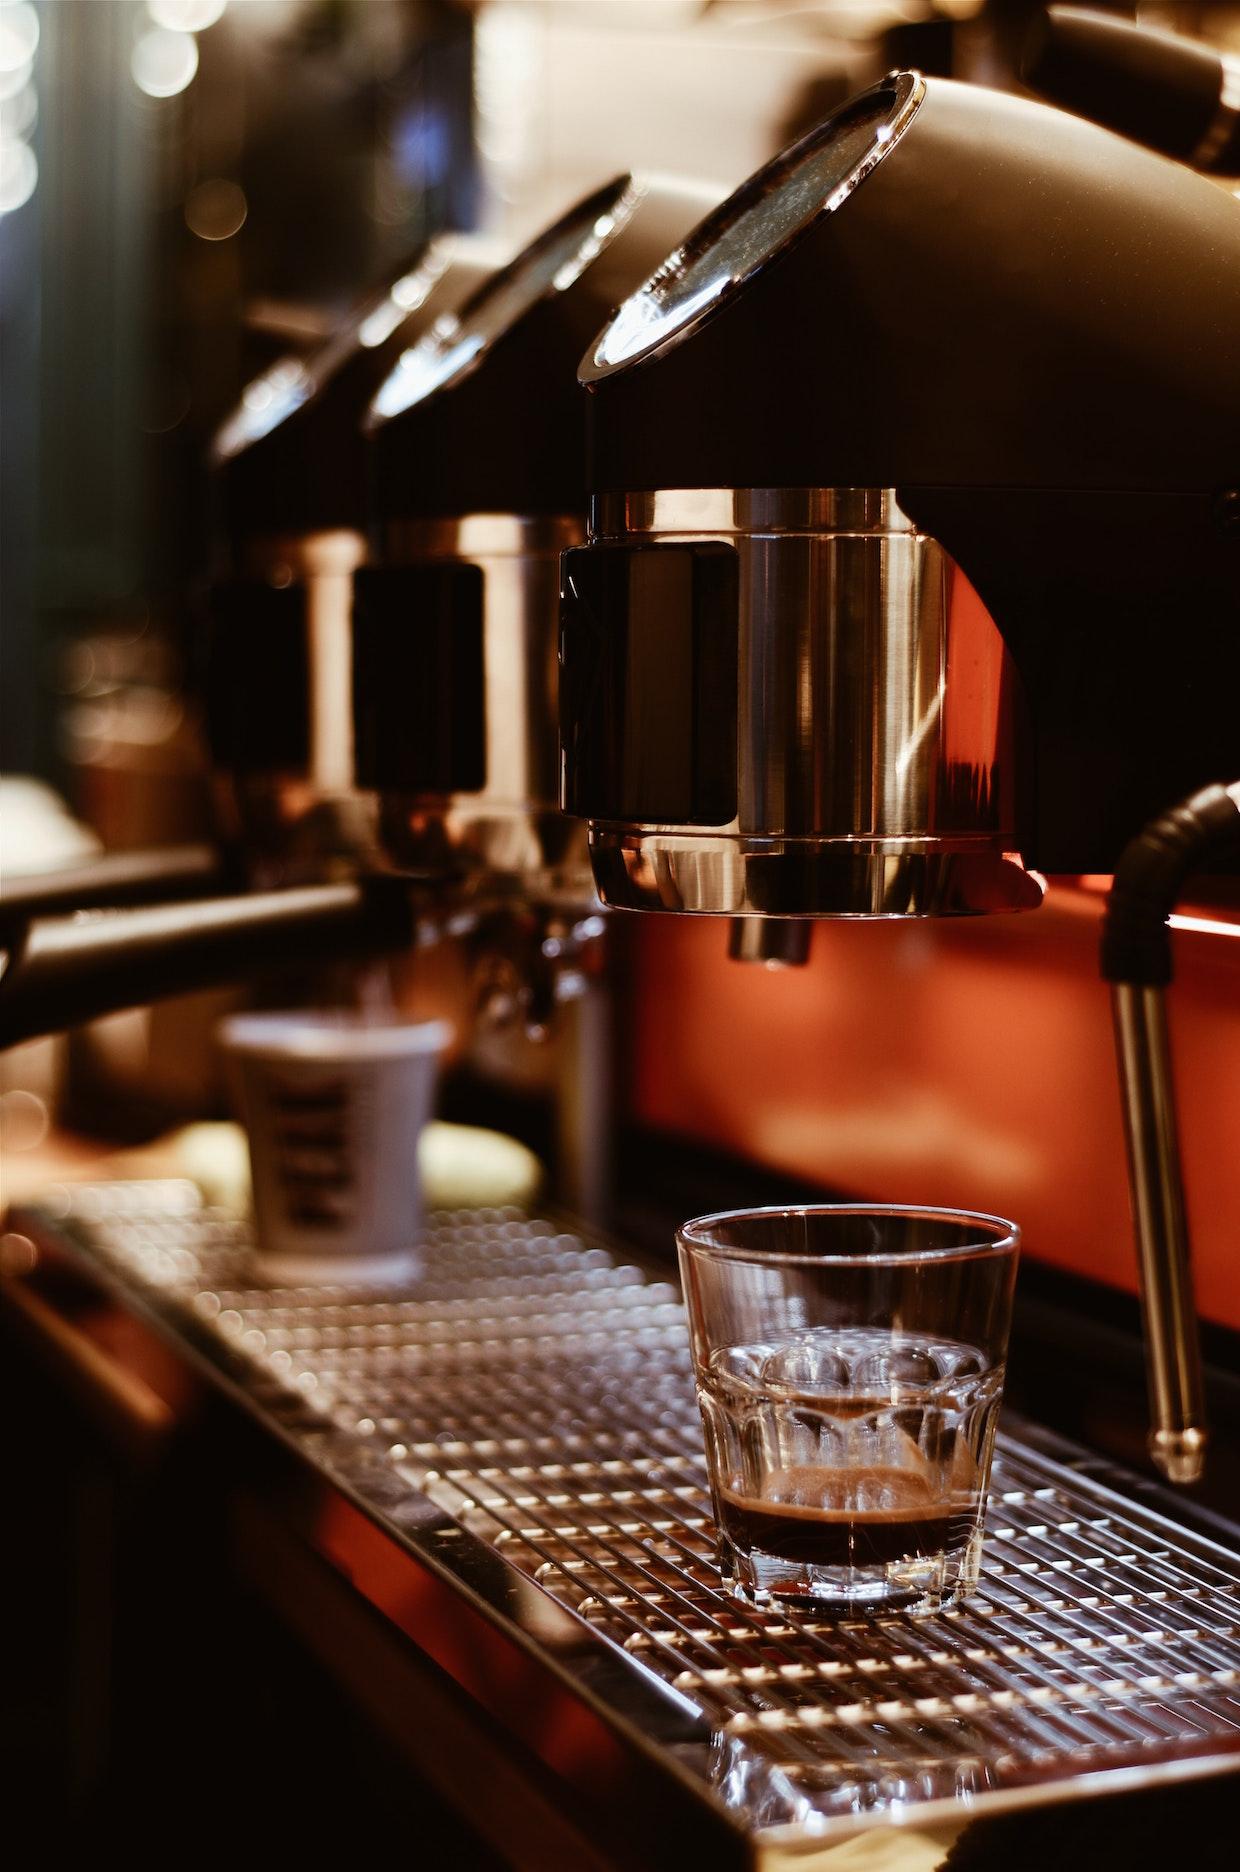 Pexels espresso machine